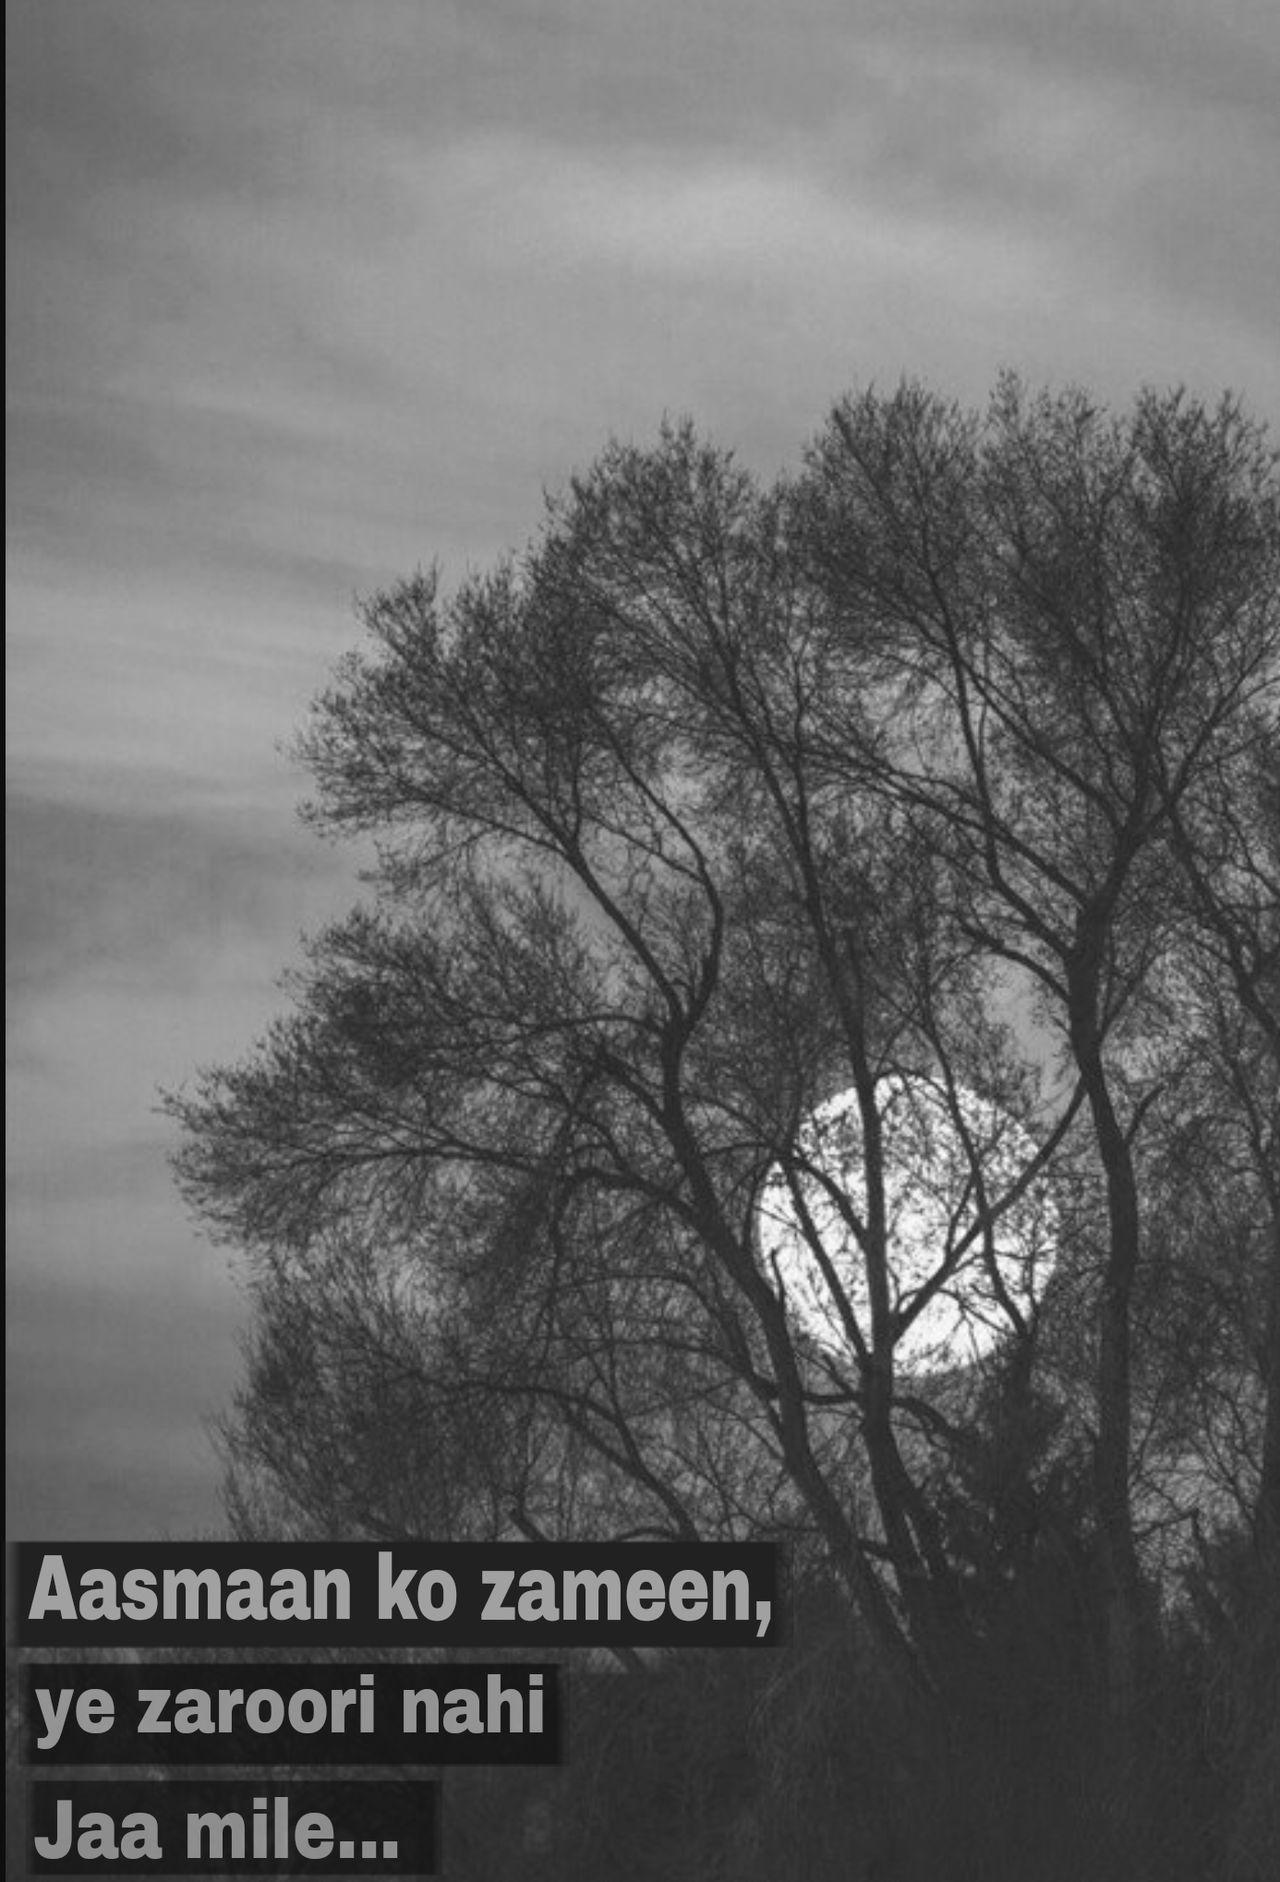 UrduPoetry Sadpoetry Lost Brokensoul Darkthoughts Black Loneliness Feelinglost Lostplaces Blackandwhite Memories Lonelymountain